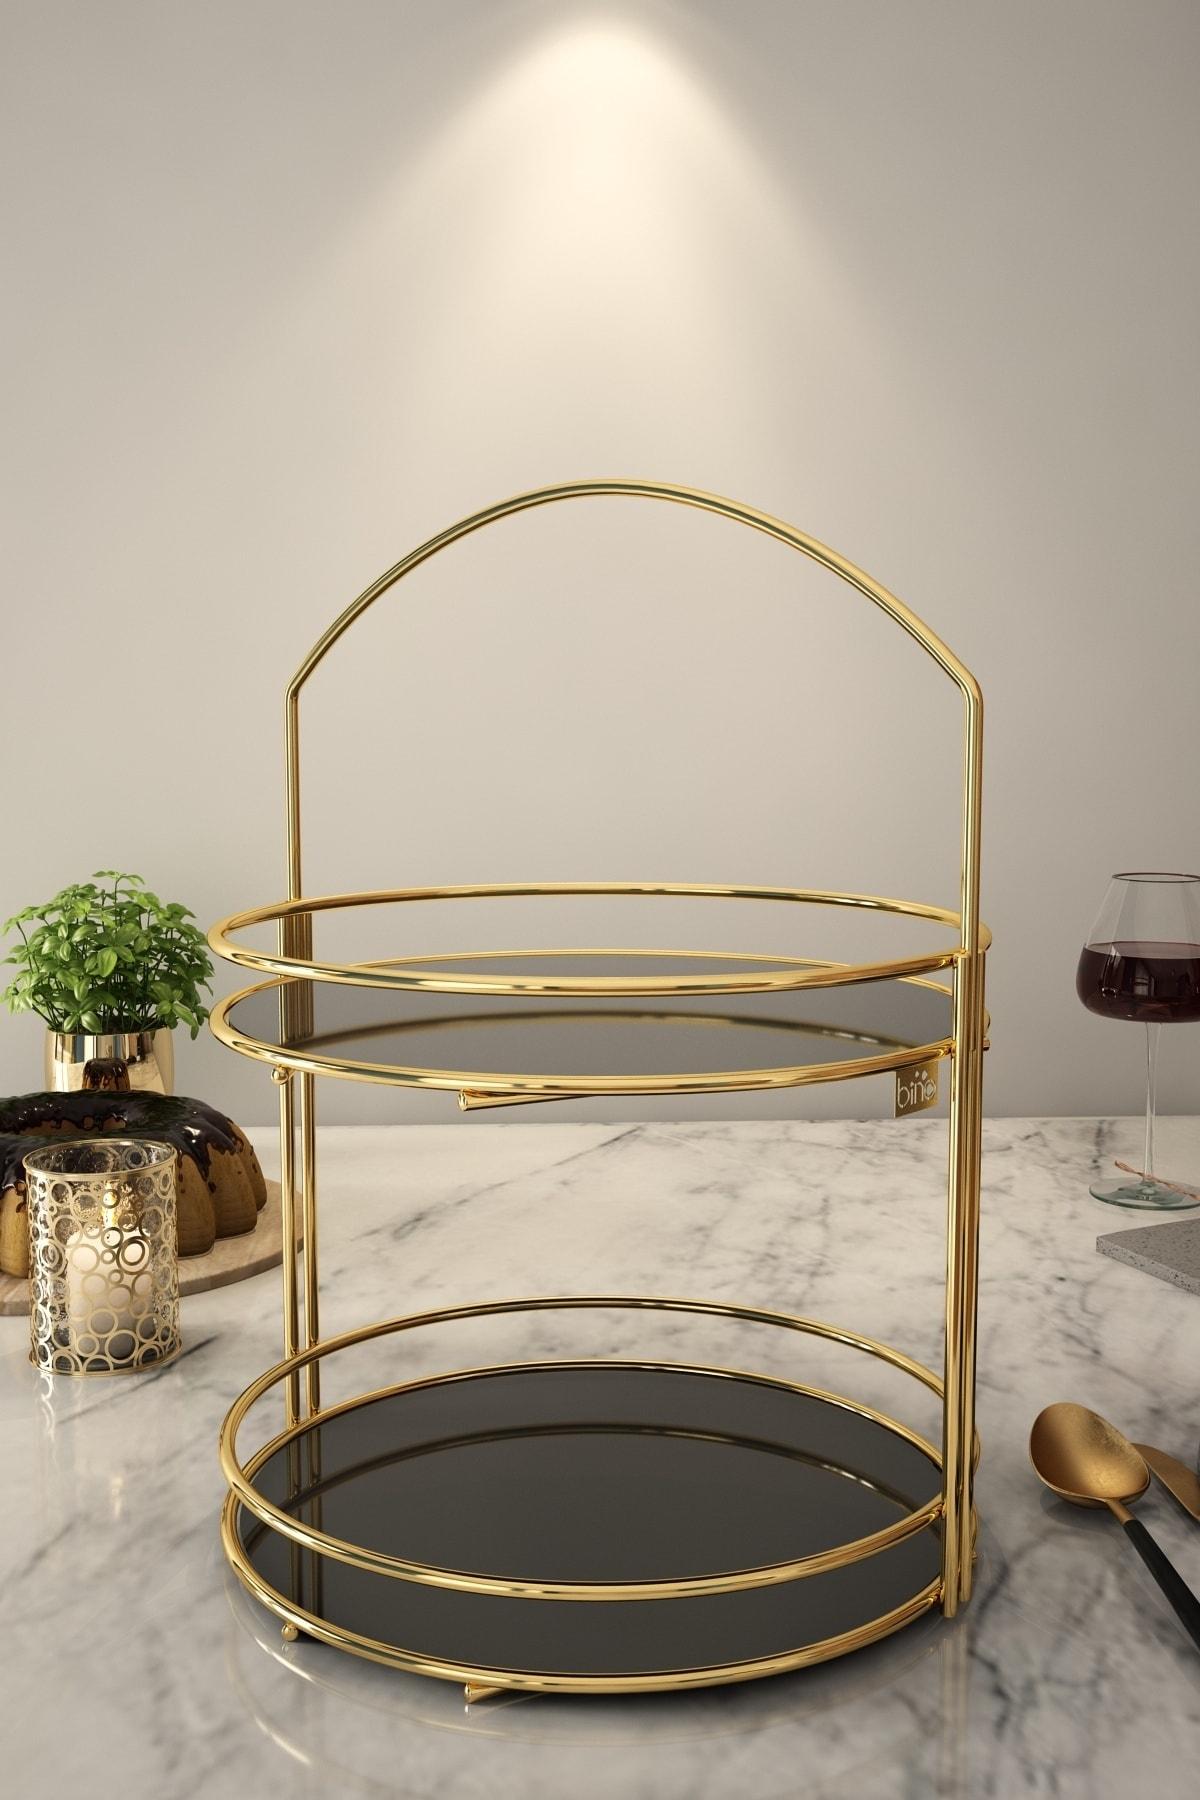 Bino Servis Sunum Ikramlık Gold Lüx 2 Katlı 40 Cm Organizer Sofra Mutfak Düzenleyici Pasta Standı 1